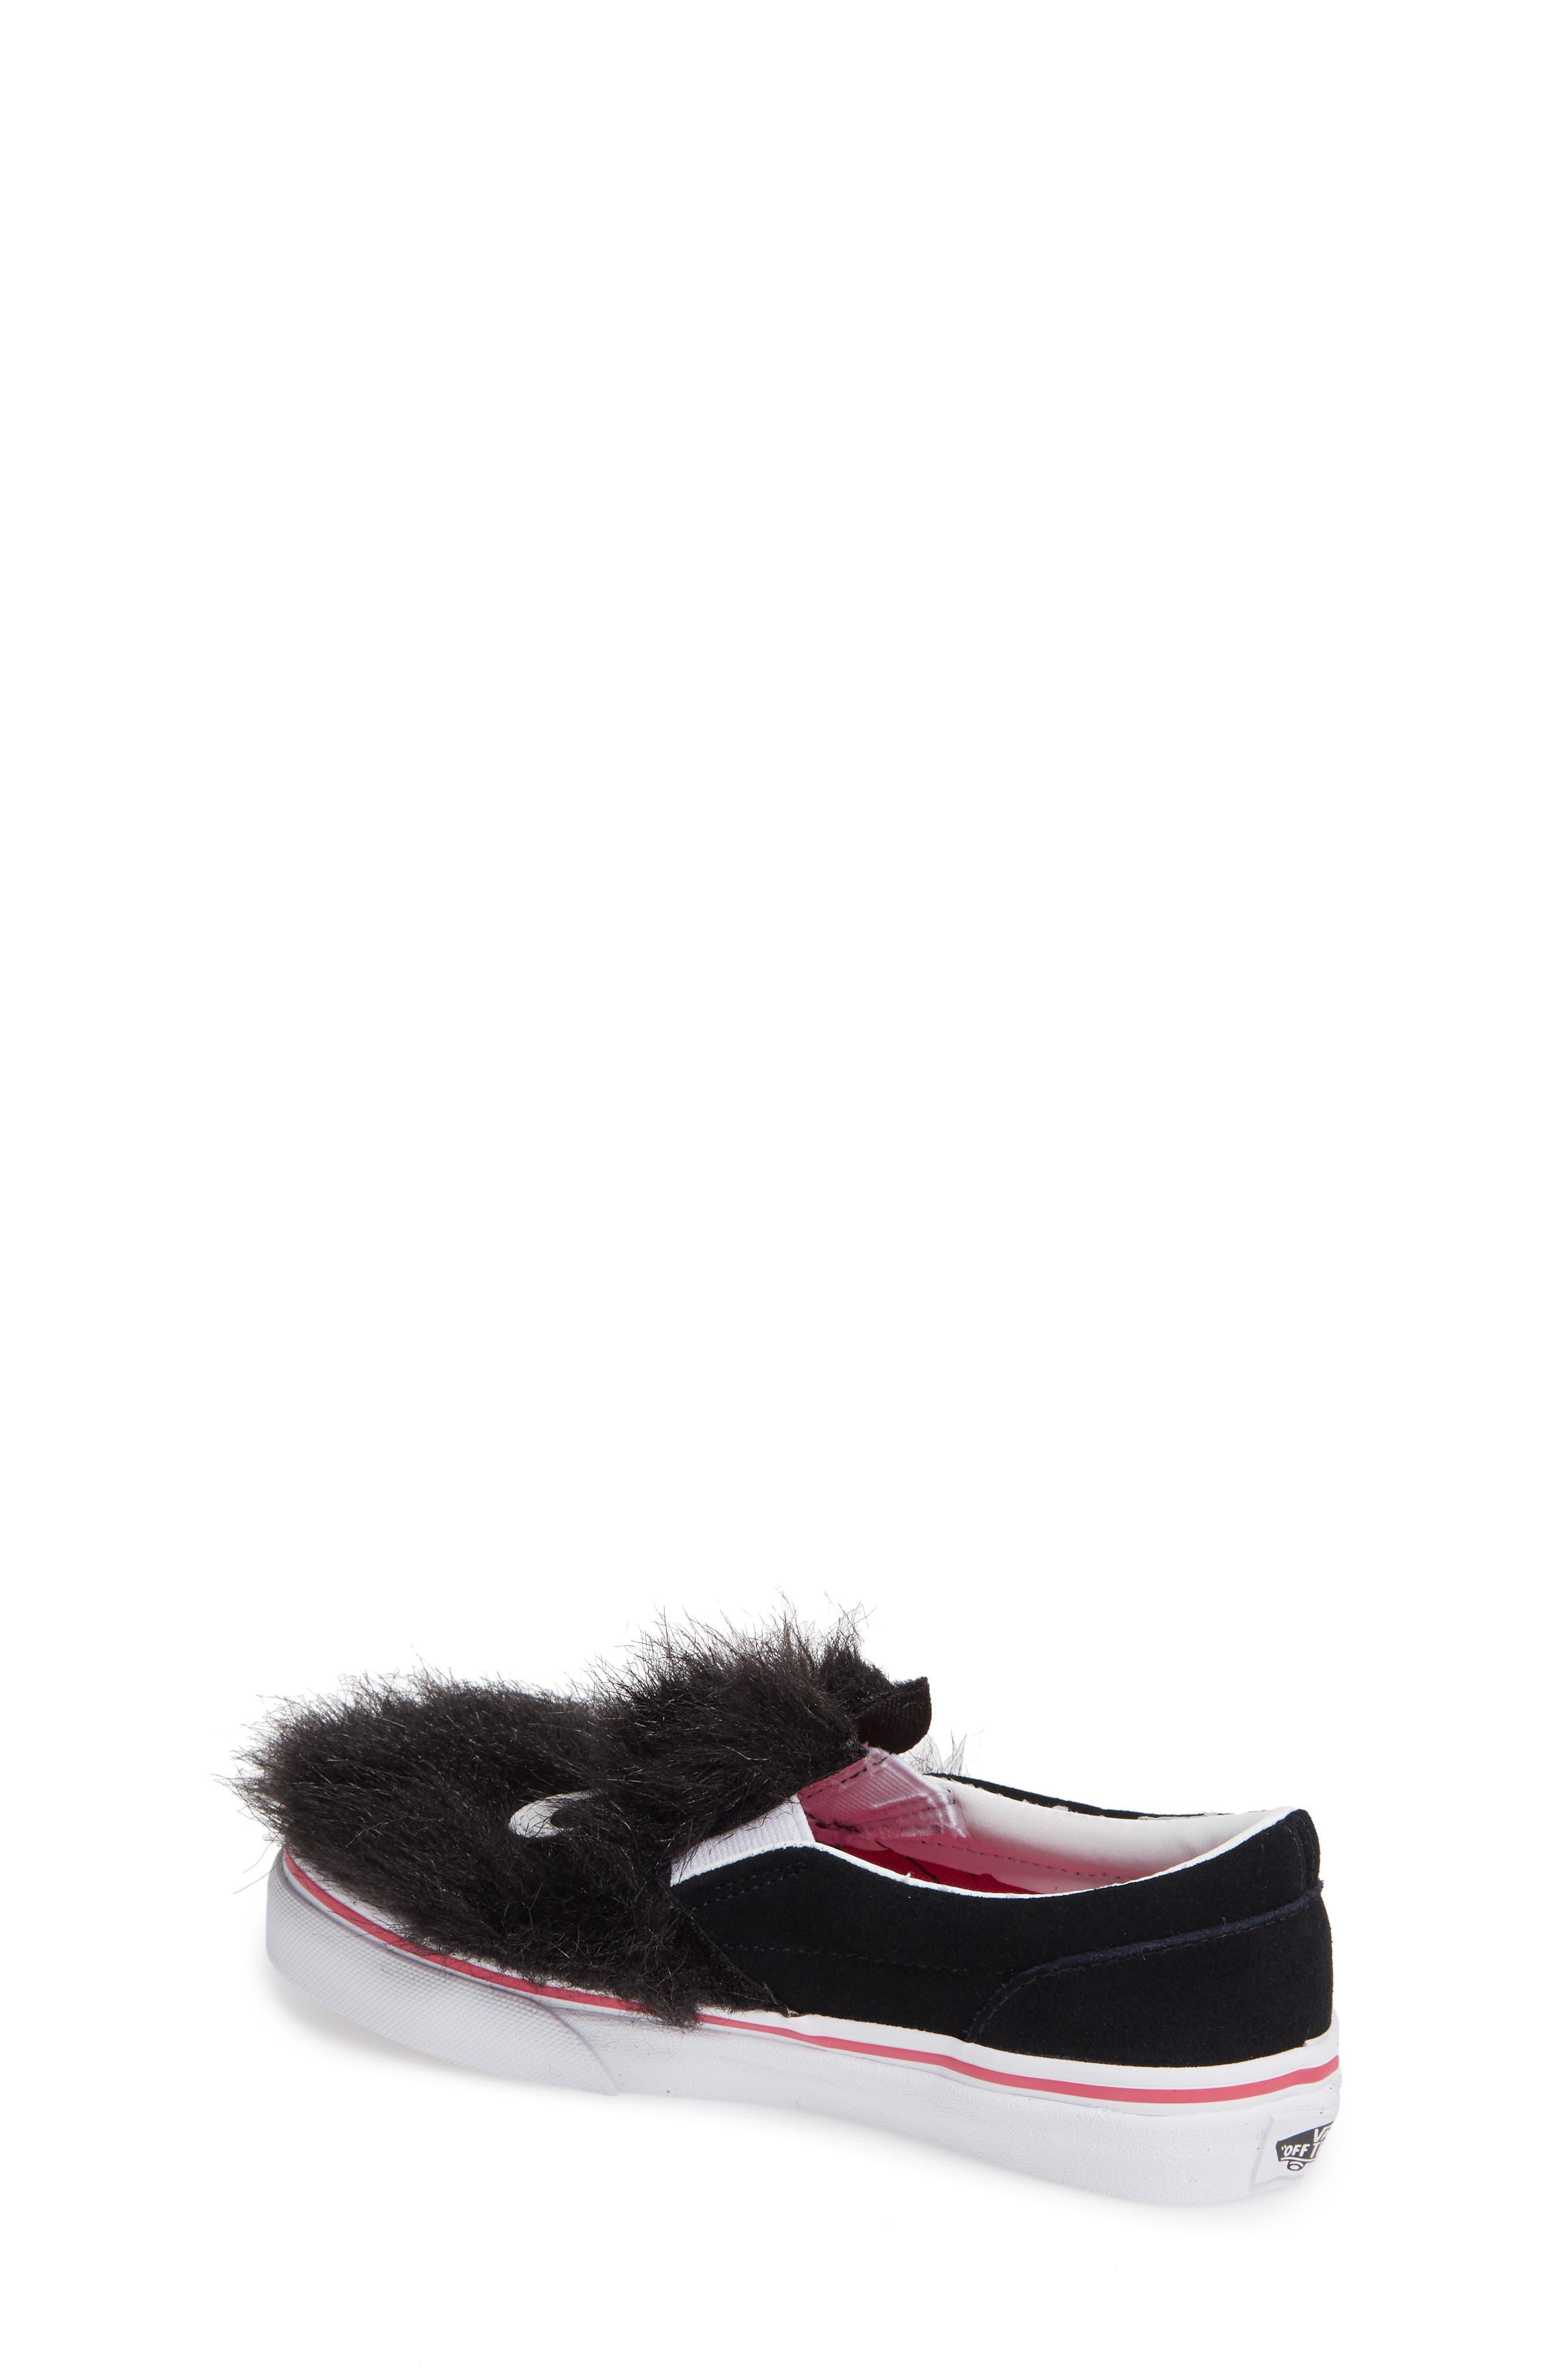 Friend Slip-On Sneaker,                             Alternate thumbnail 2, color,                             002